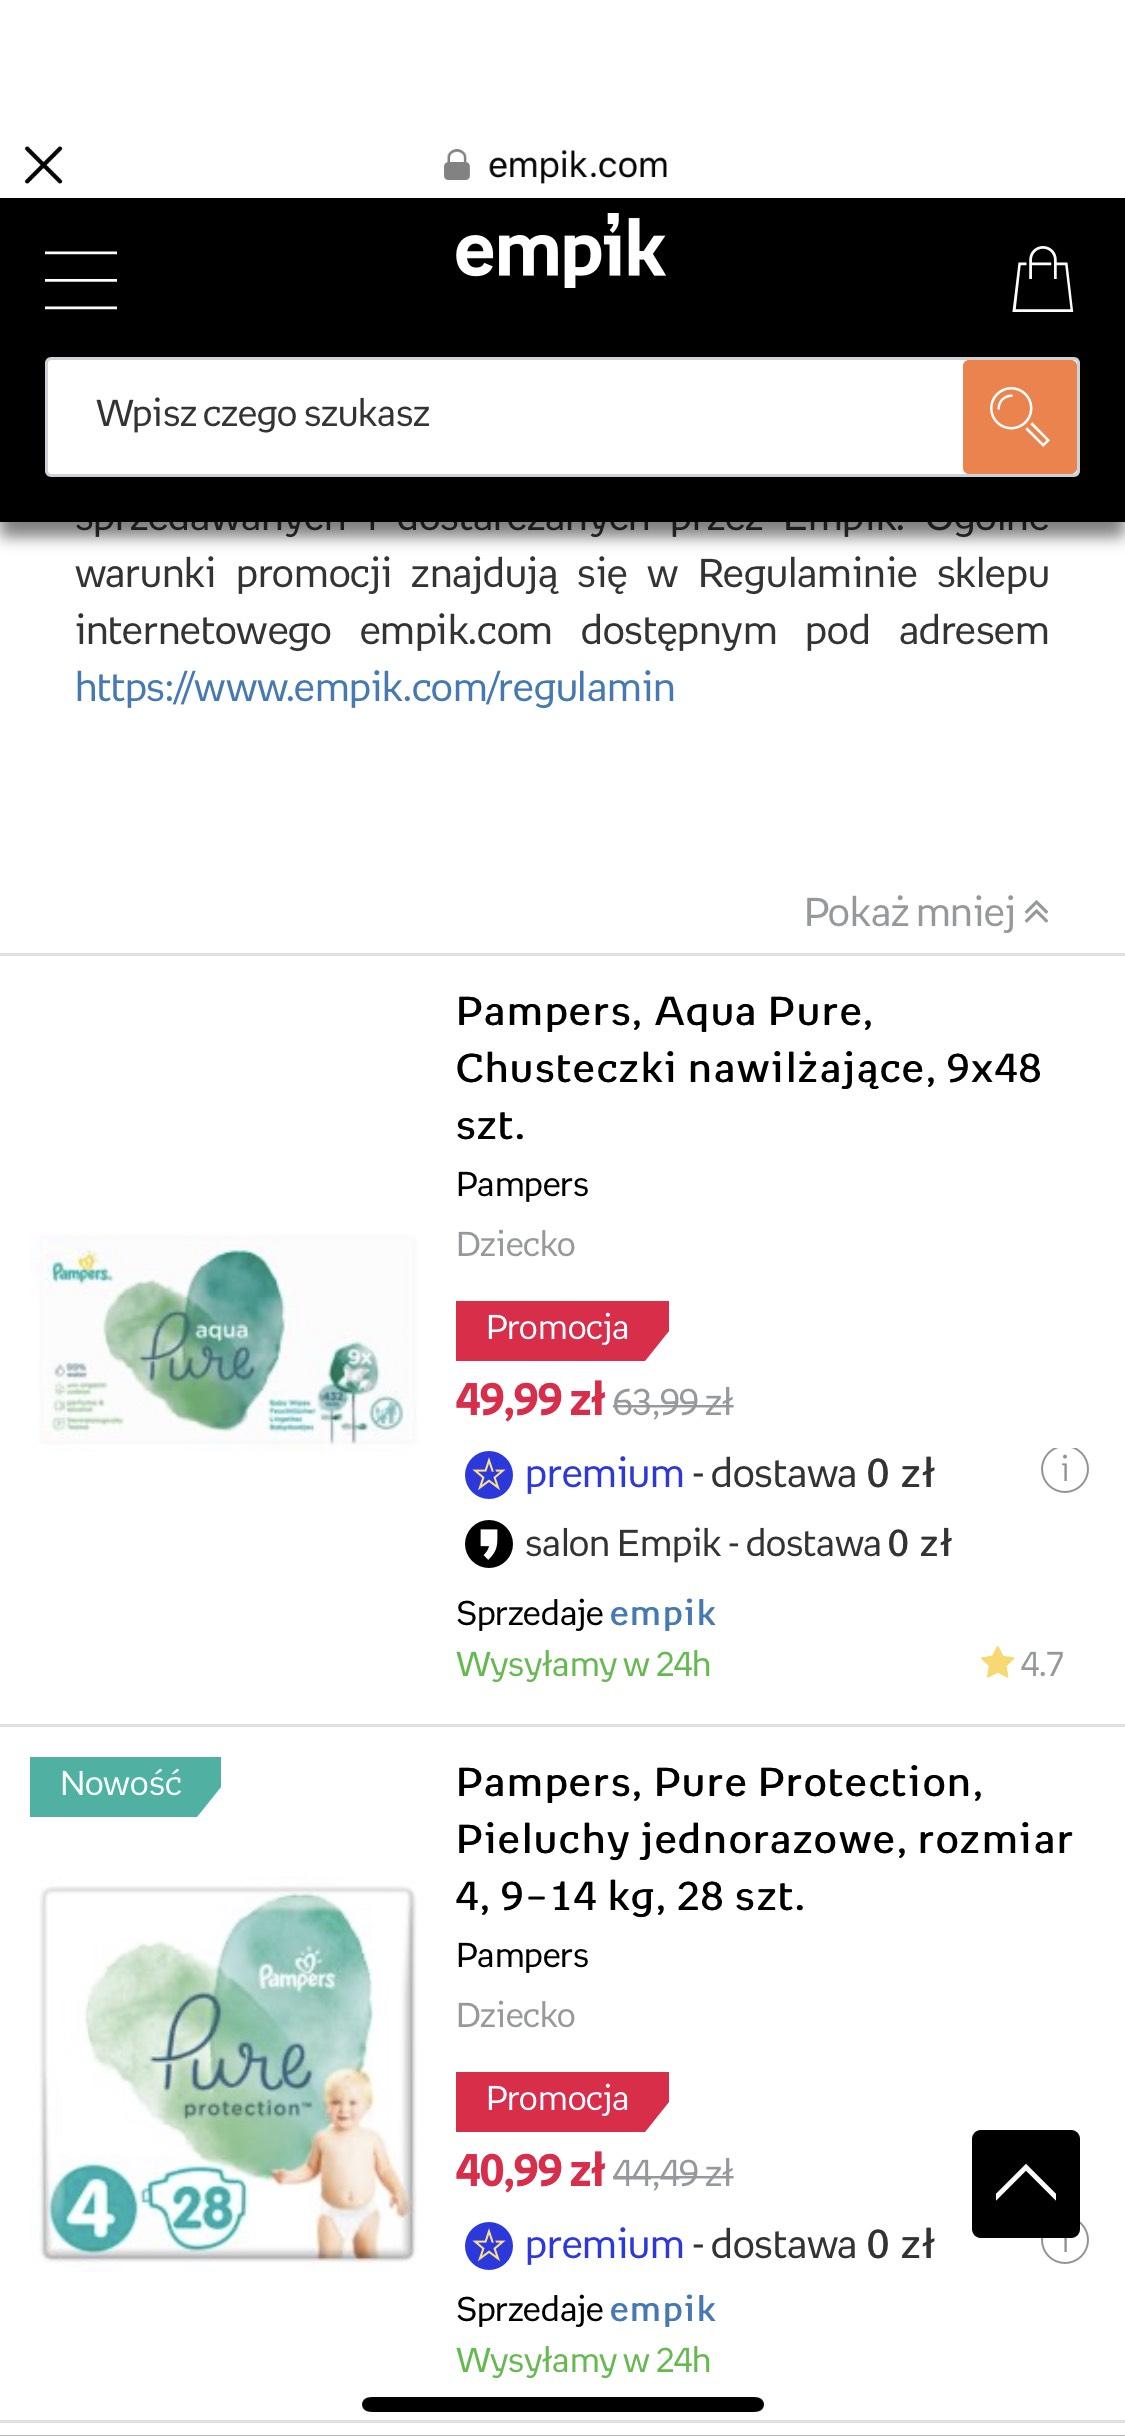 Chusteczki nawilżane Pampers Aqua Pure 9x48 (darmowa dostawa do salonu Empik)